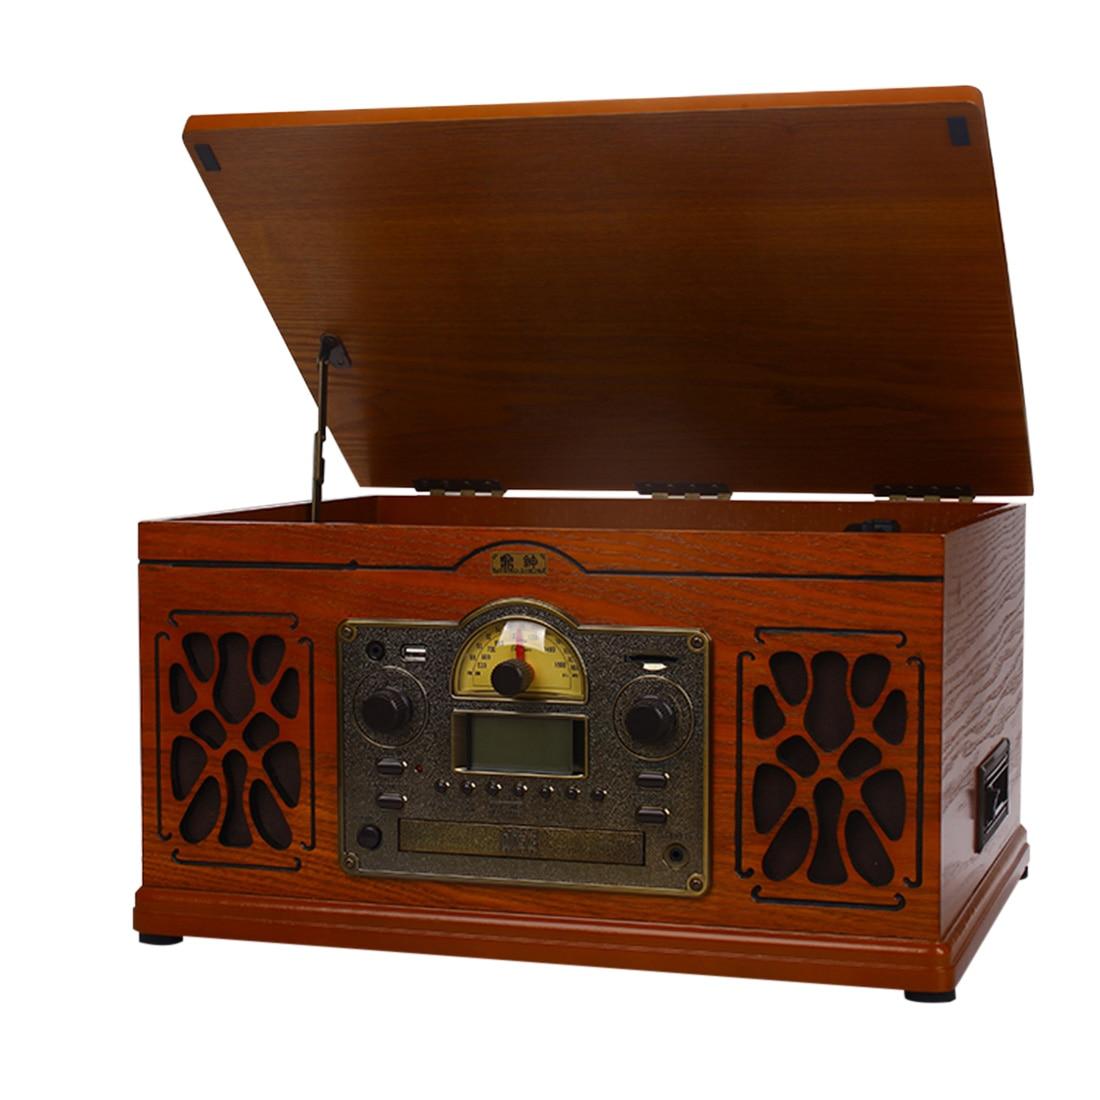 Rétro vinyle lecteur de disque Audio bande CD Bluetooth à l'ancienne Vintage phonographe platines-chêne prise américaine